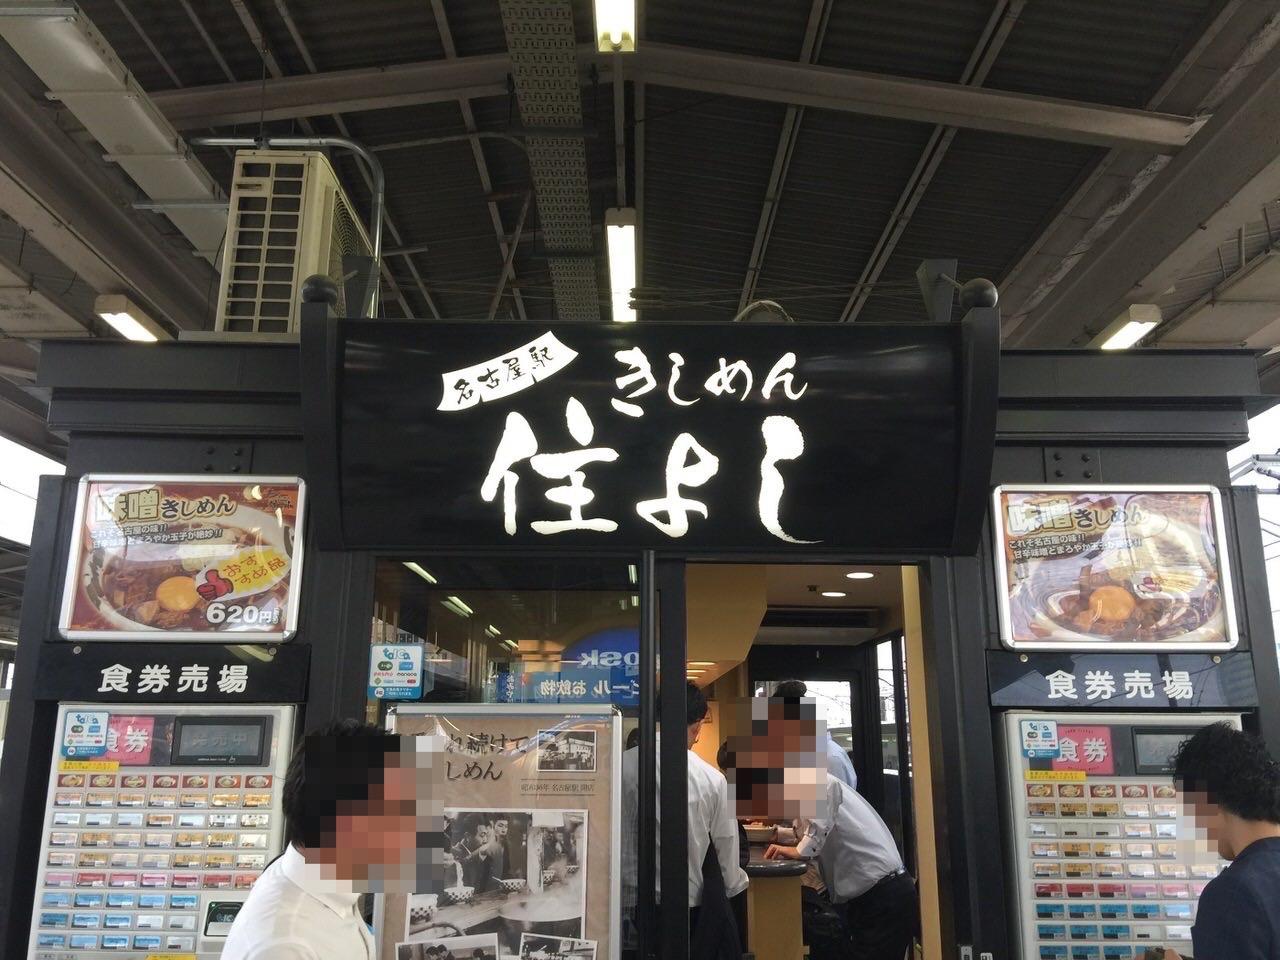 「きしめん 住よし」名古屋駅新幹線上りホームで味噌きしめんを立ち食いした!